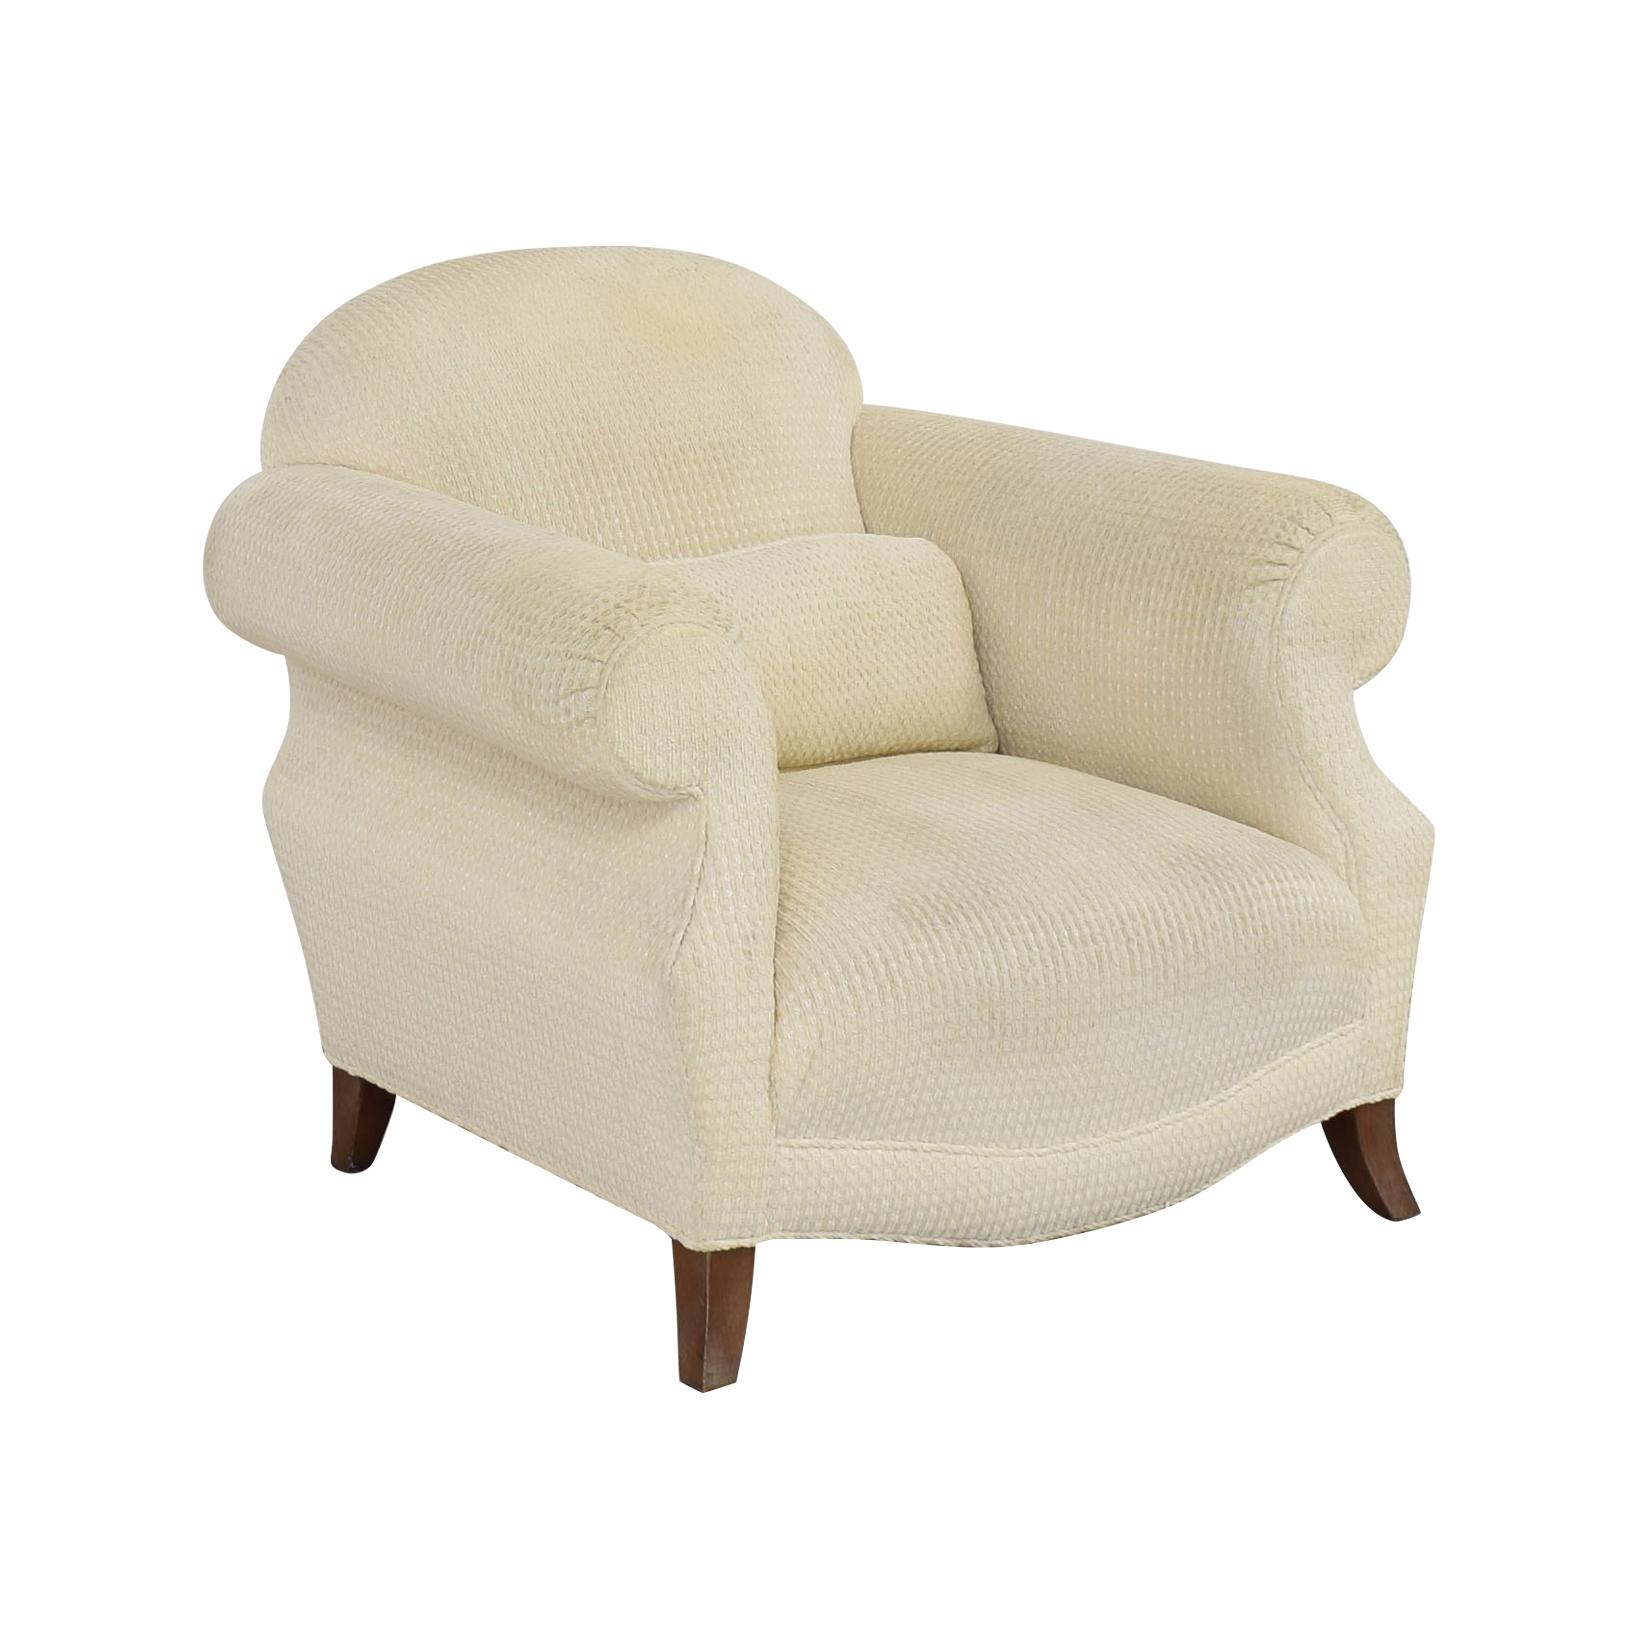 Swaim Swaim Accent Chair off white